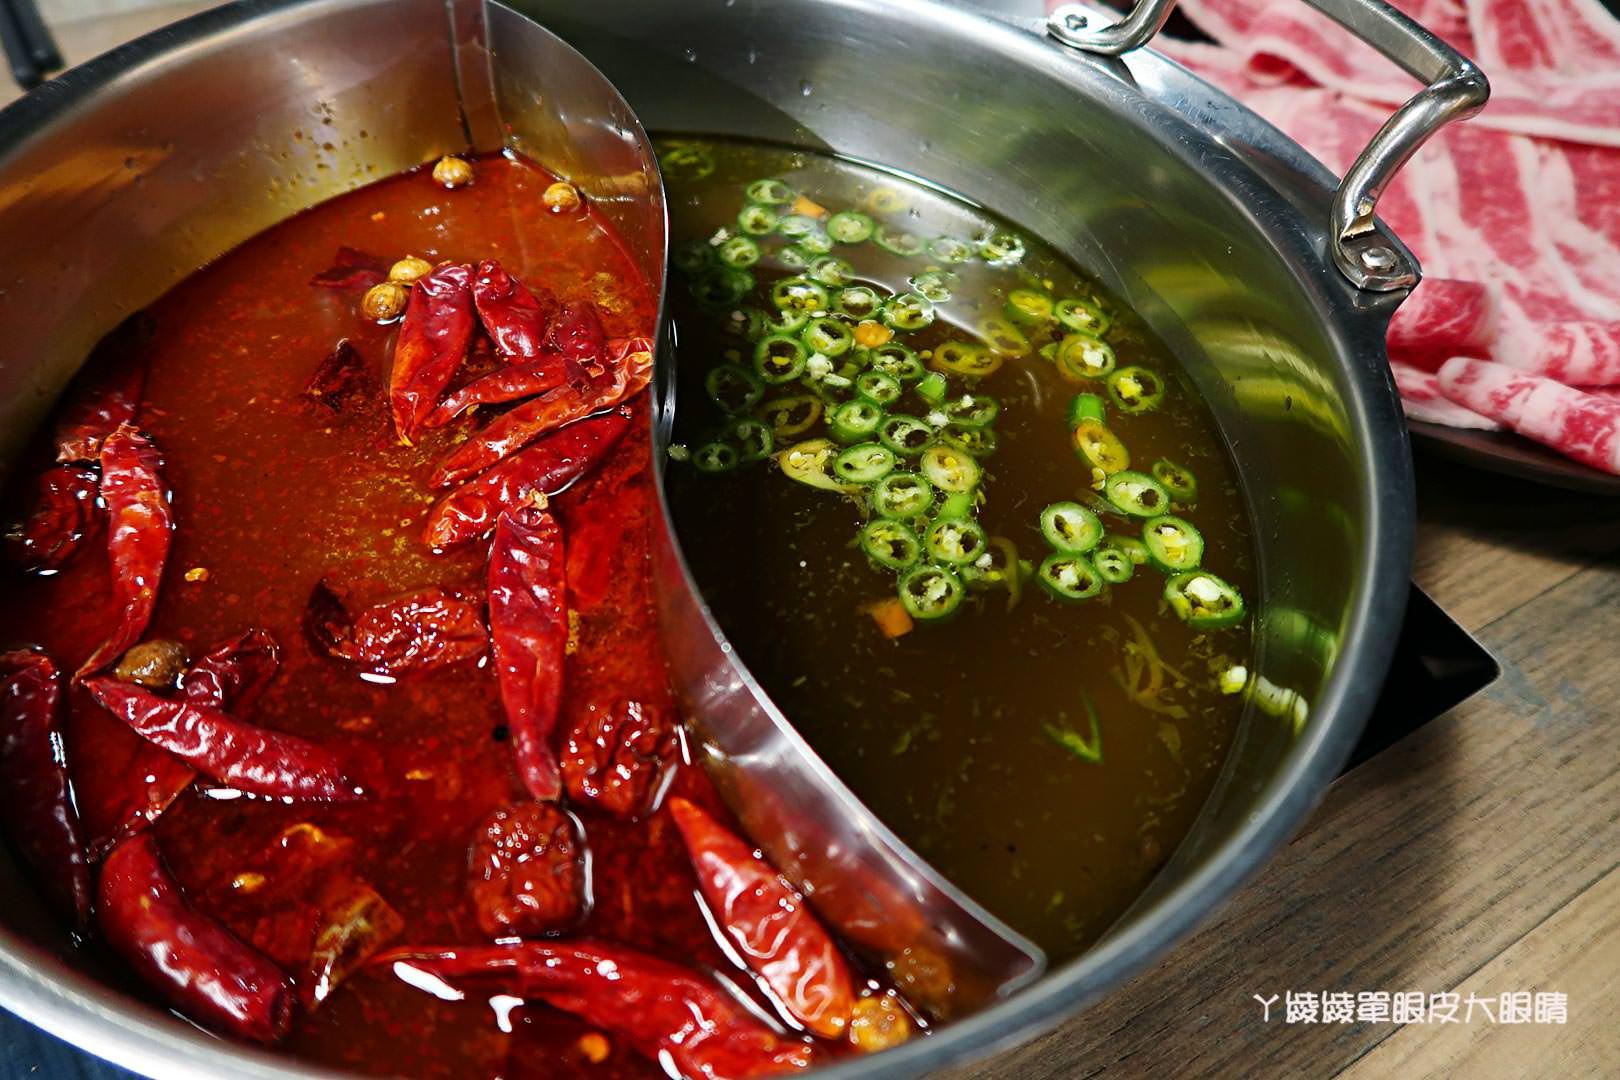 台北必吃火鍋推薦《饗樂shabu精緻鍋品》!嚇死人的大肉盤及新推出四川綠麻辣鍋